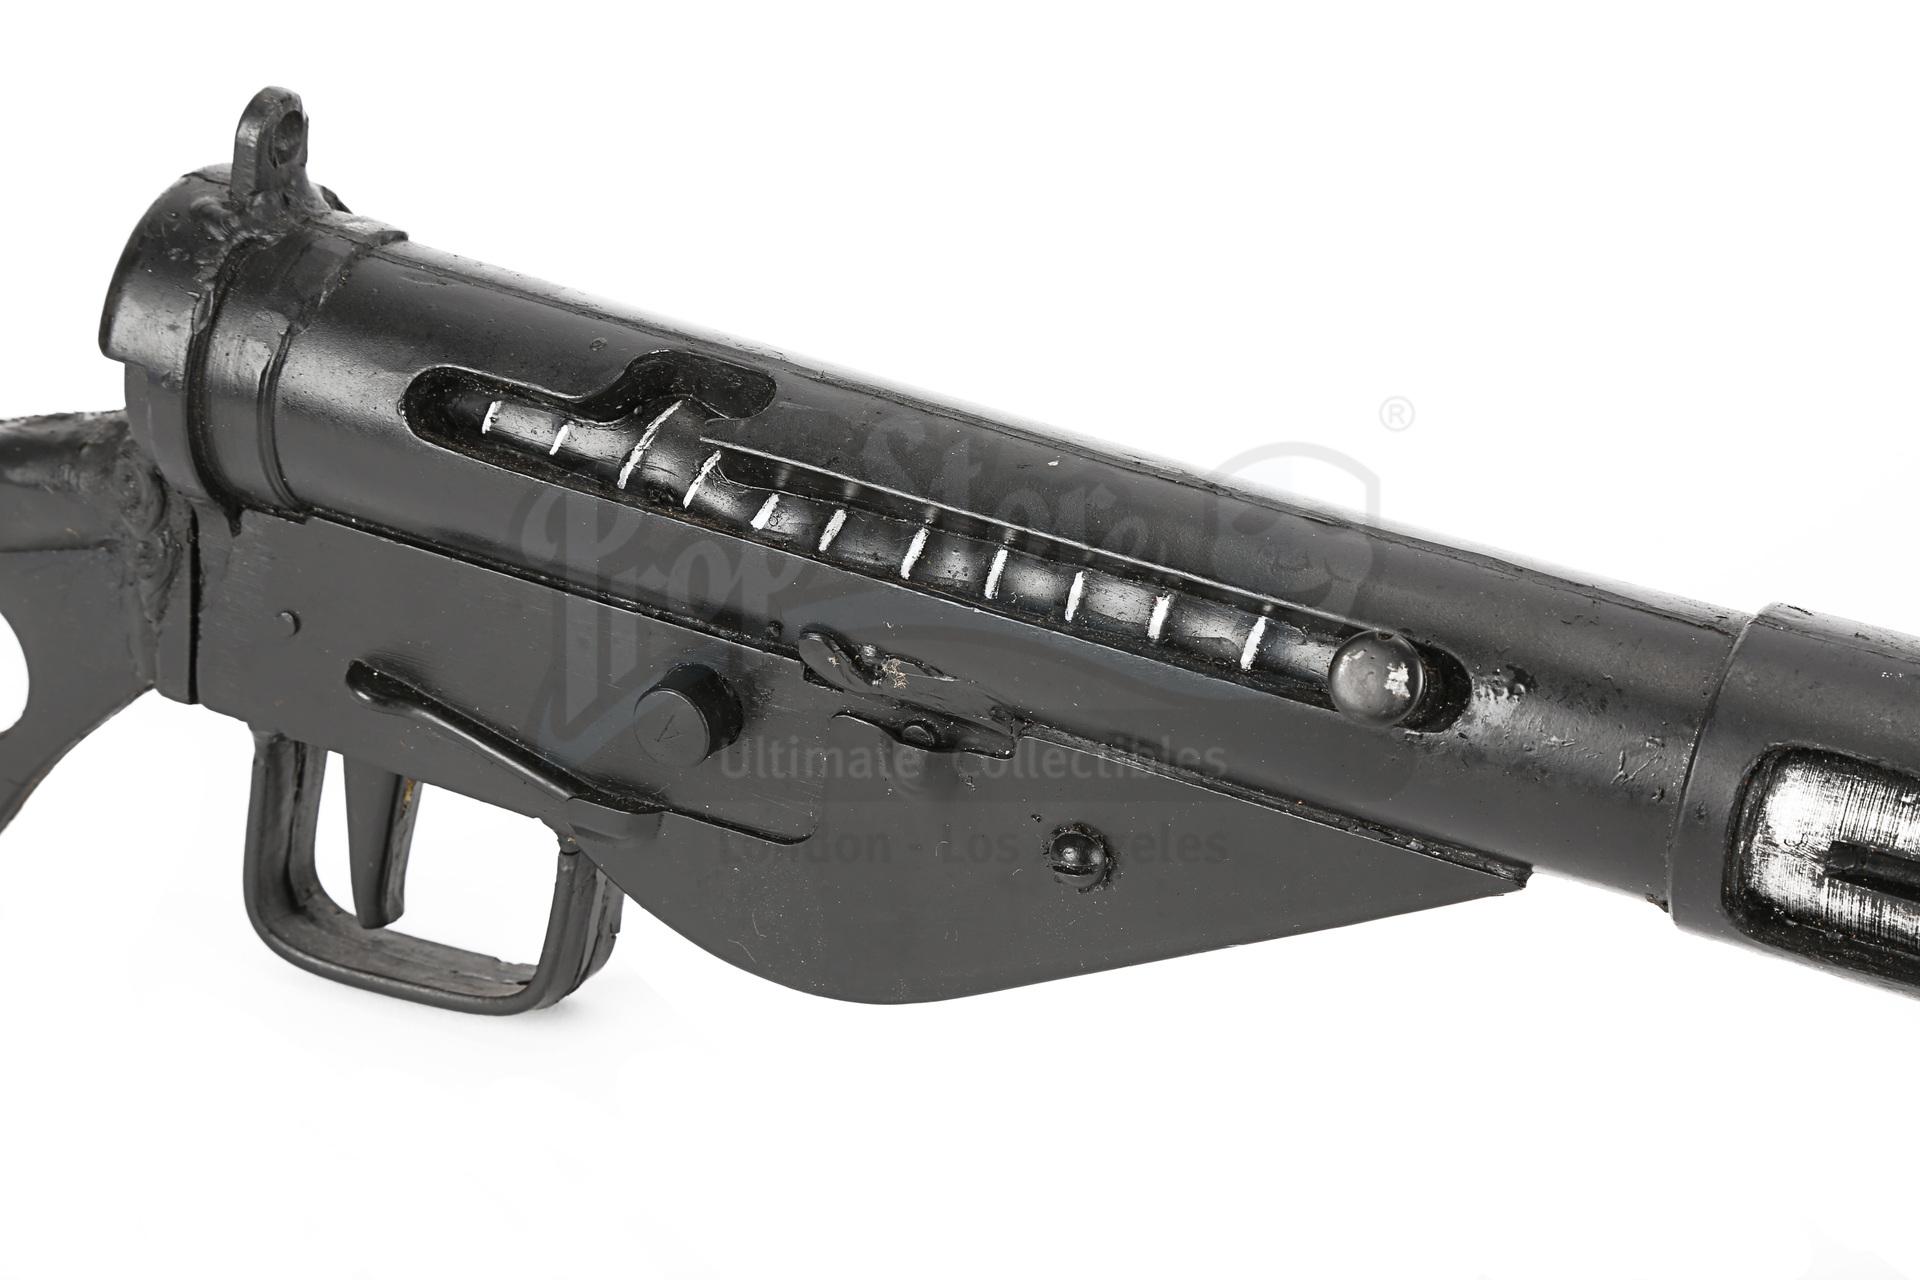 ALLIED (2016) - Max's (Brad Pitt) Sten Submachine Gun - Image 7 of 15